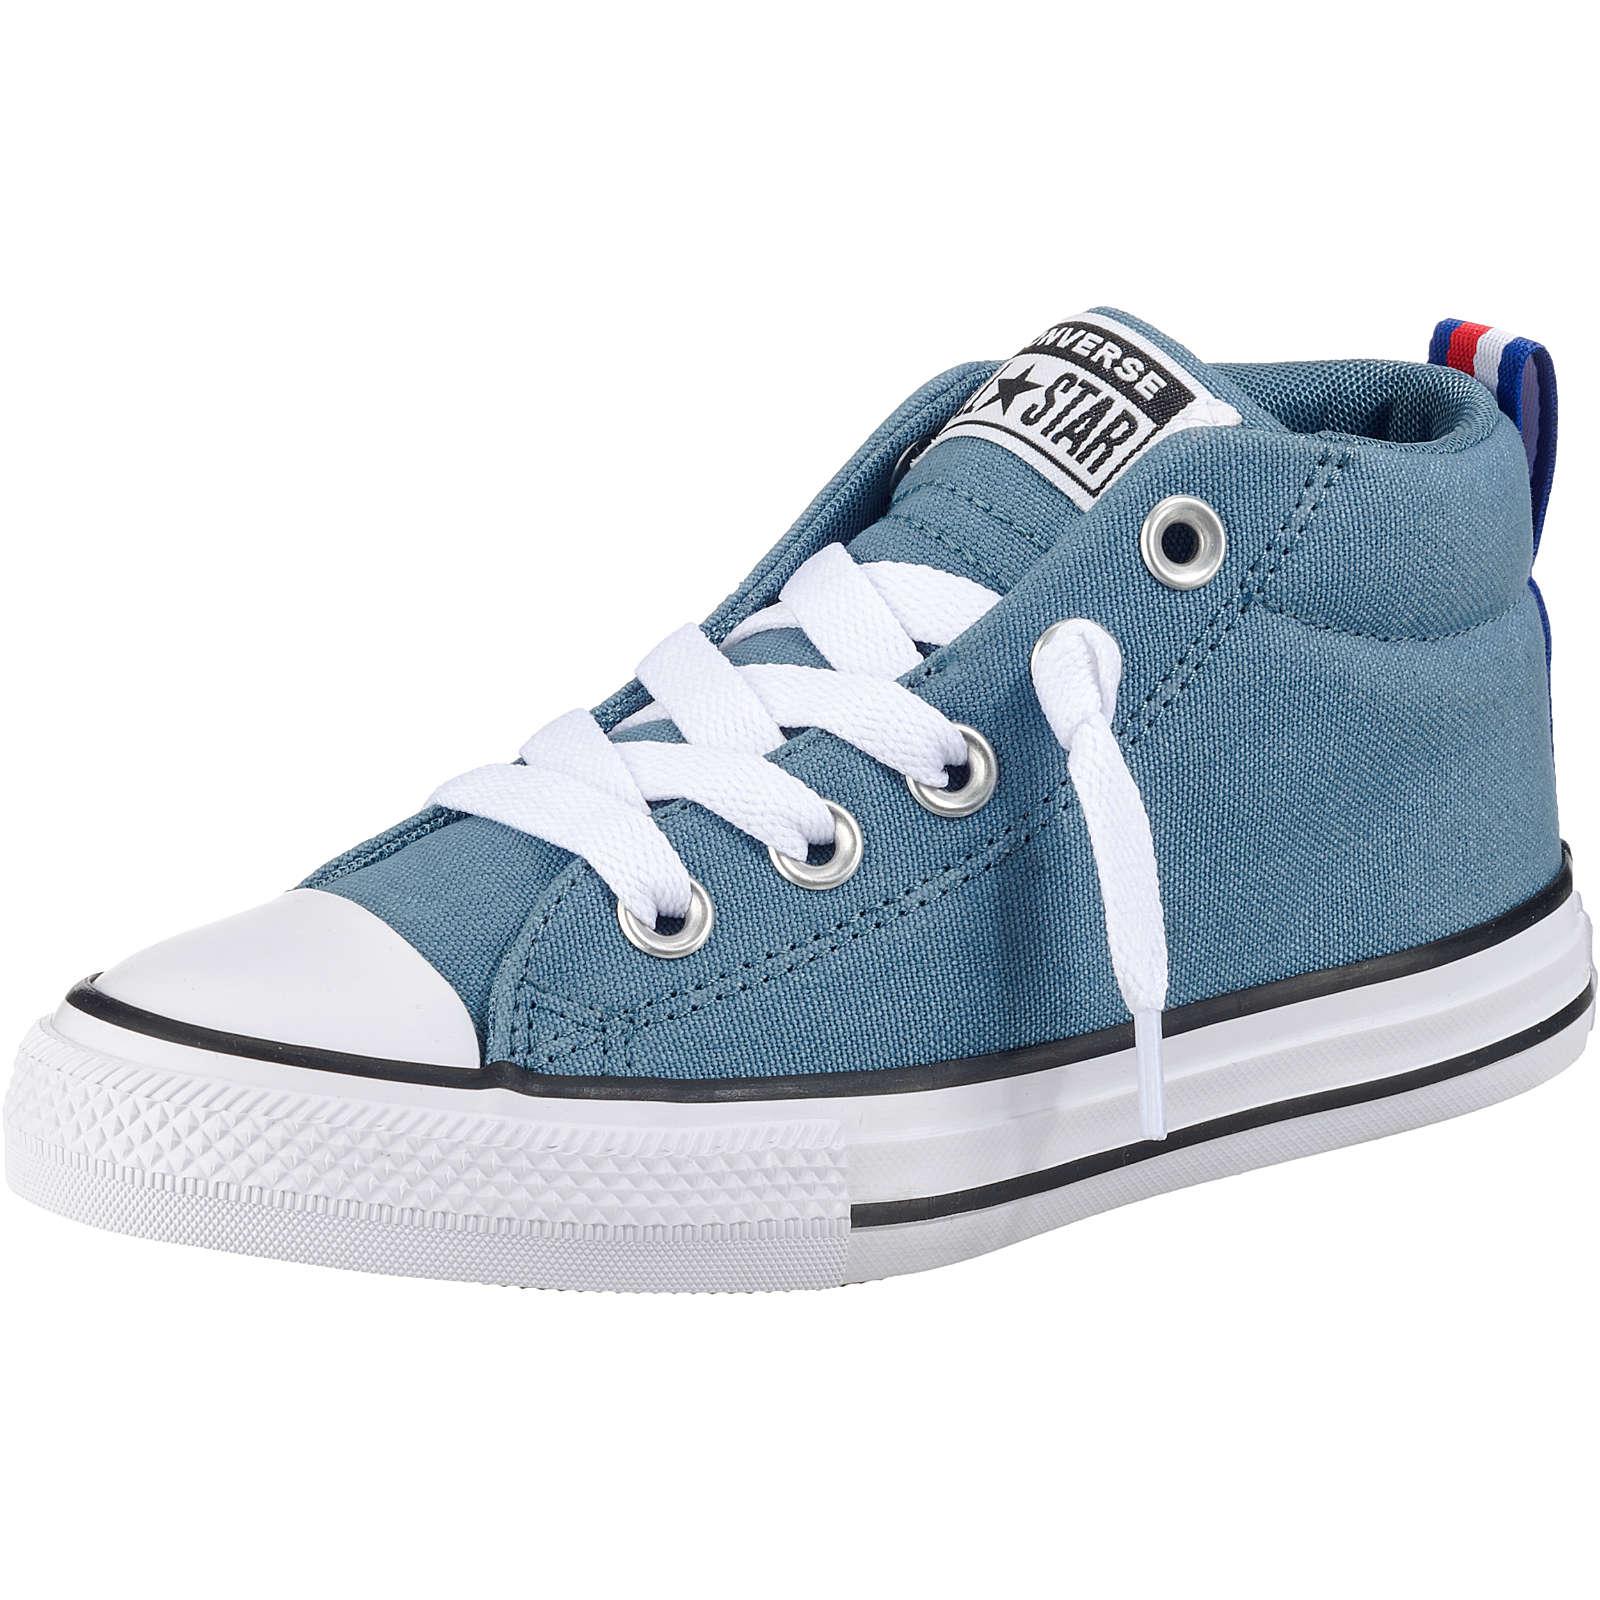 CONVERSE Kinder Sneakers High CTAS STREET MID CELESTIAL TEAL/BLACK blau Gr. 35